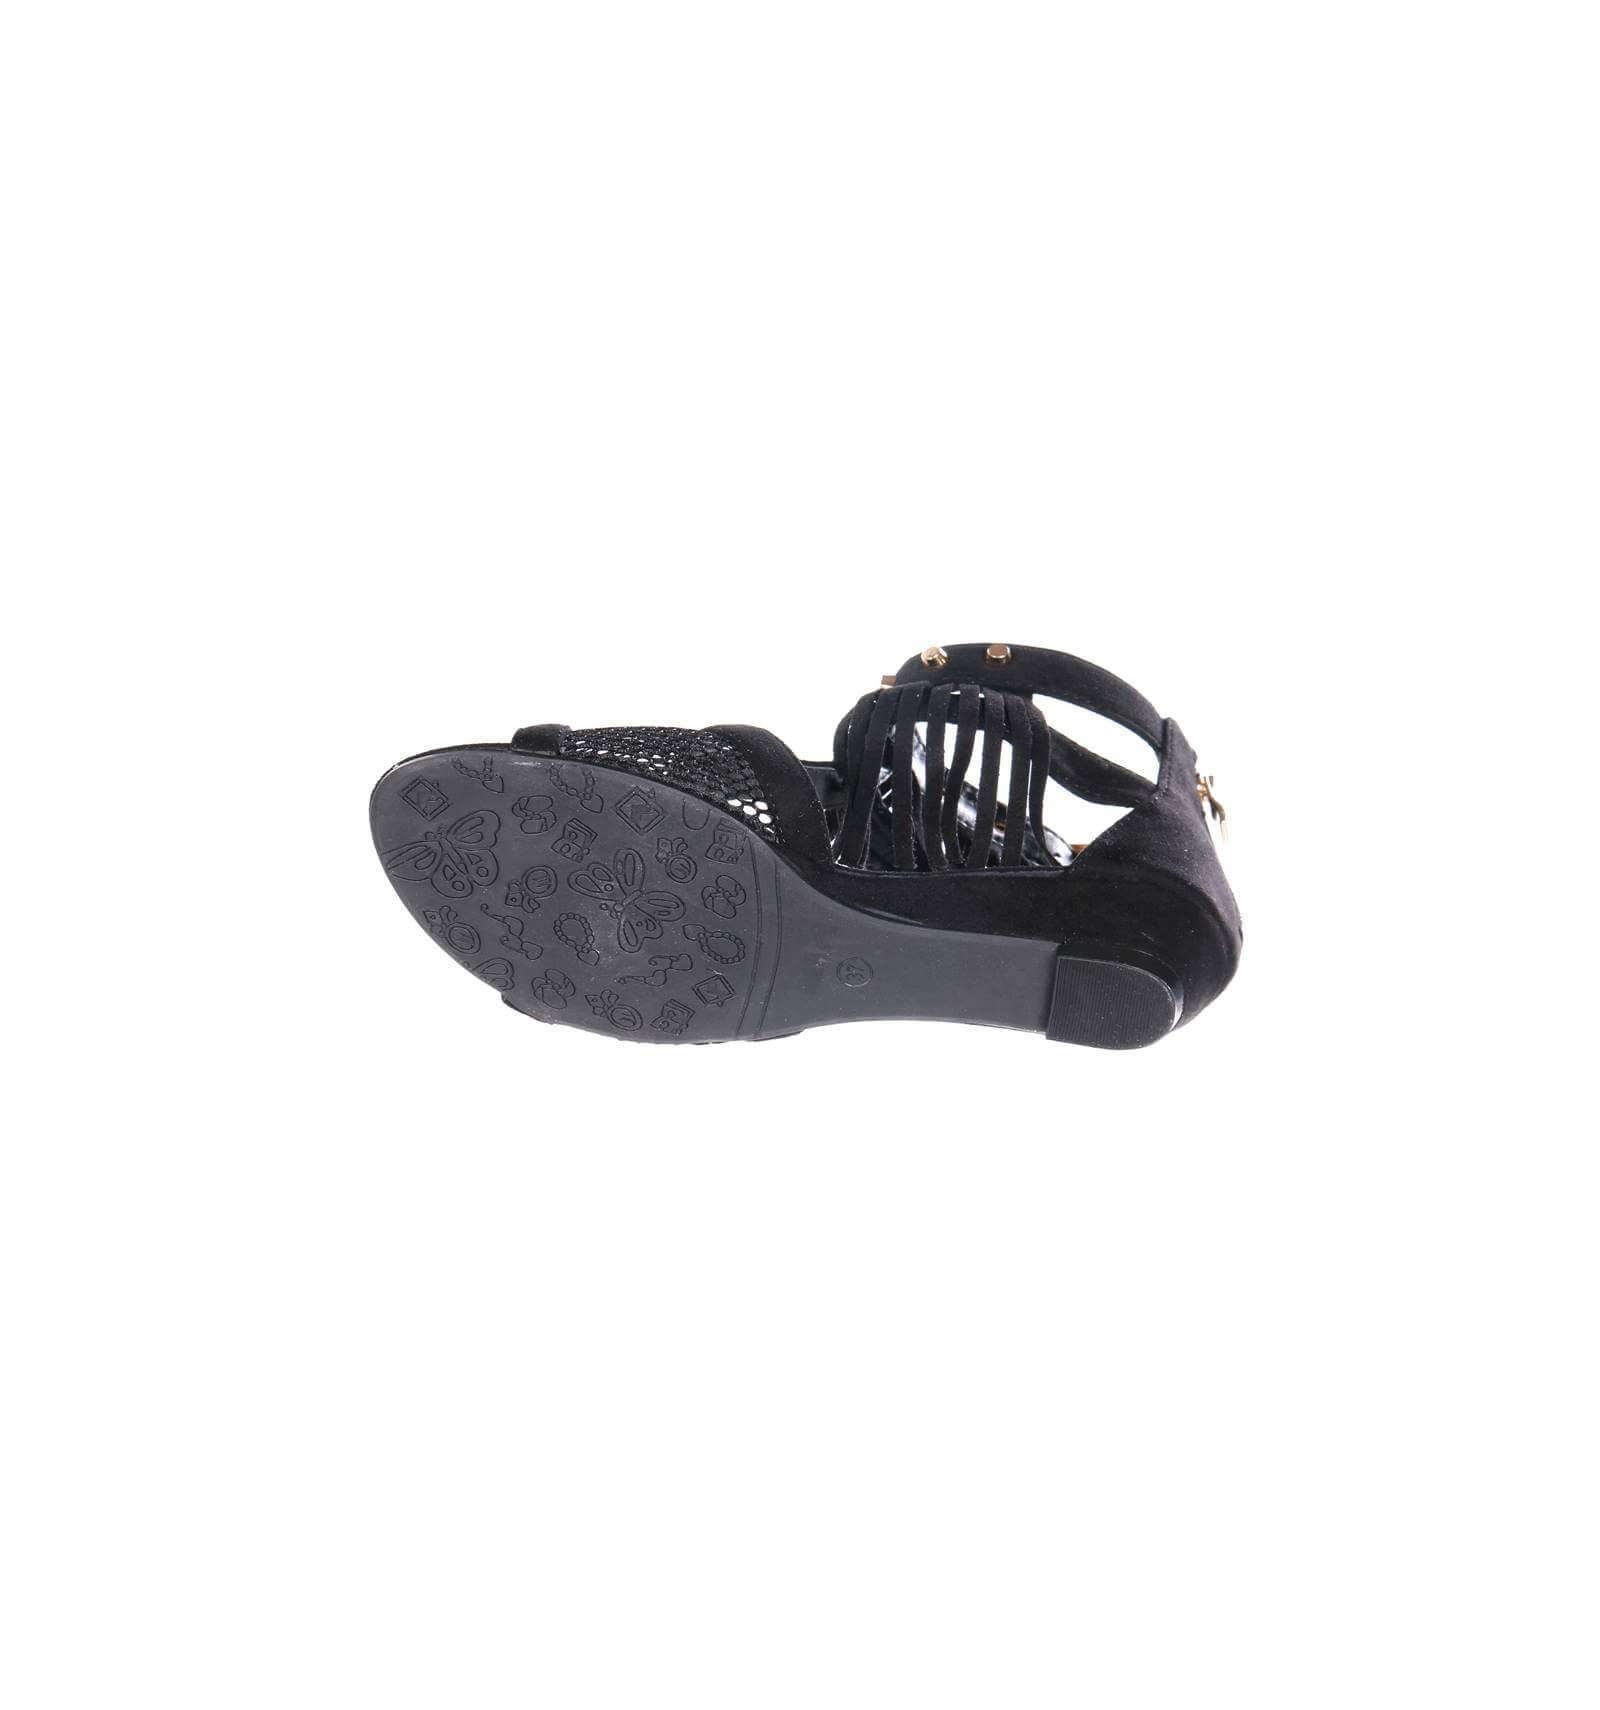 sandale femme compens e frange noire lucie. Black Bedroom Furniture Sets. Home Design Ideas